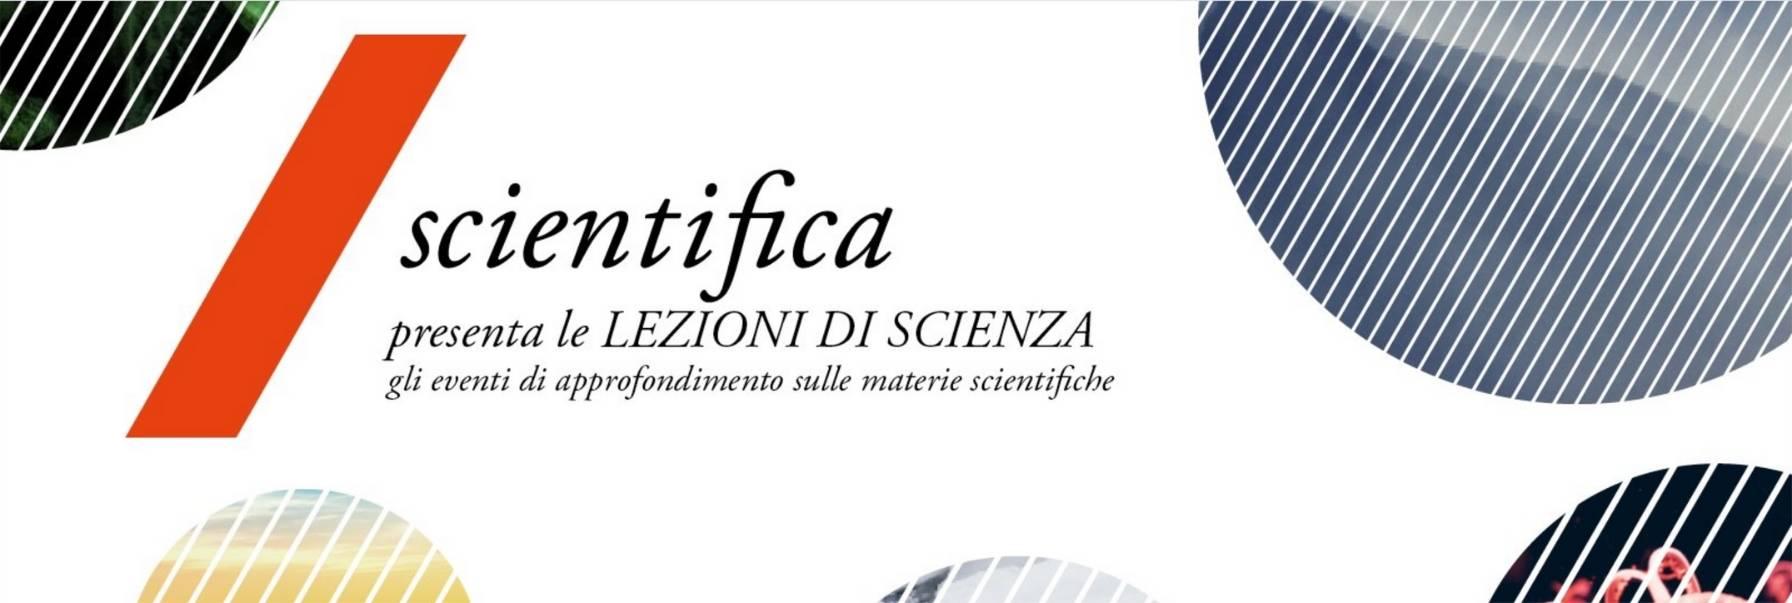 Lezioni di Scienza – Mondadori Education